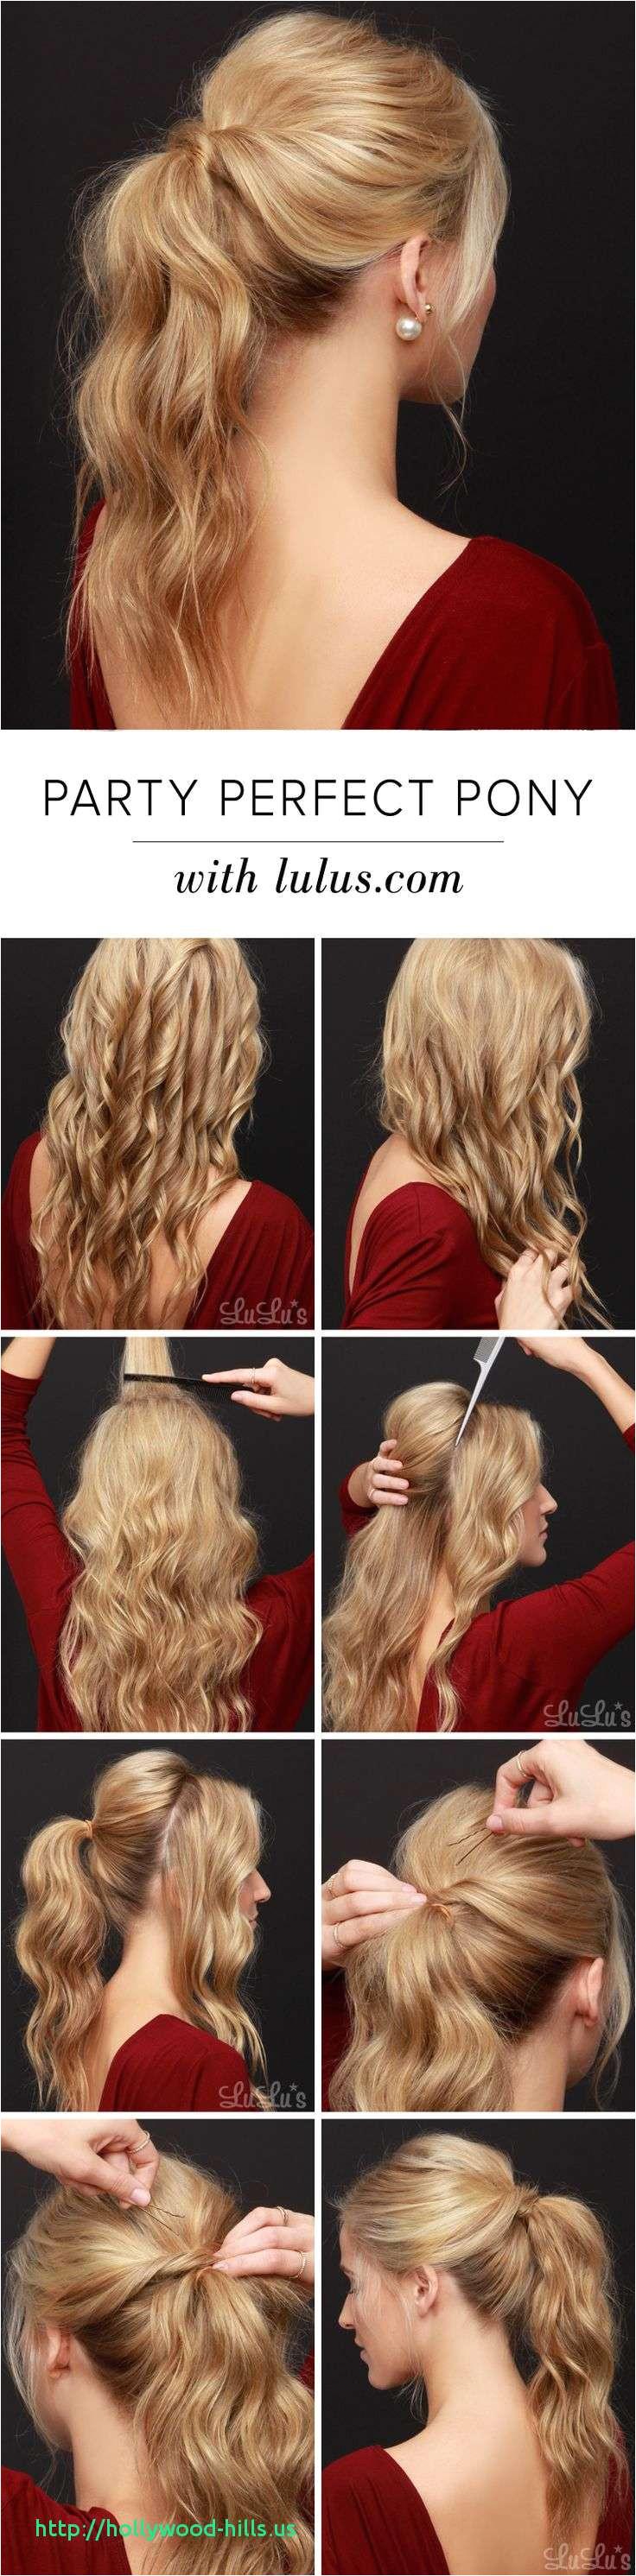 Hairstyles for black graders luxury cute hairstyles for grade dance of hairstyles for black graders